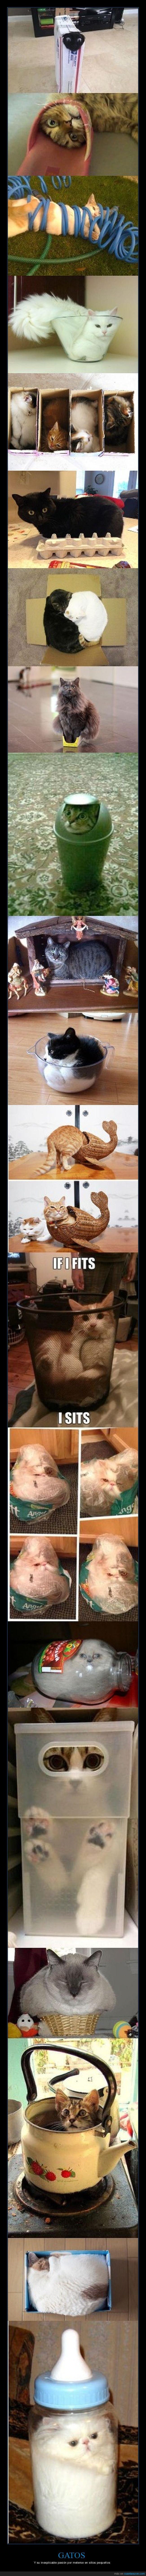 gatos,sitios pequeños,wtf